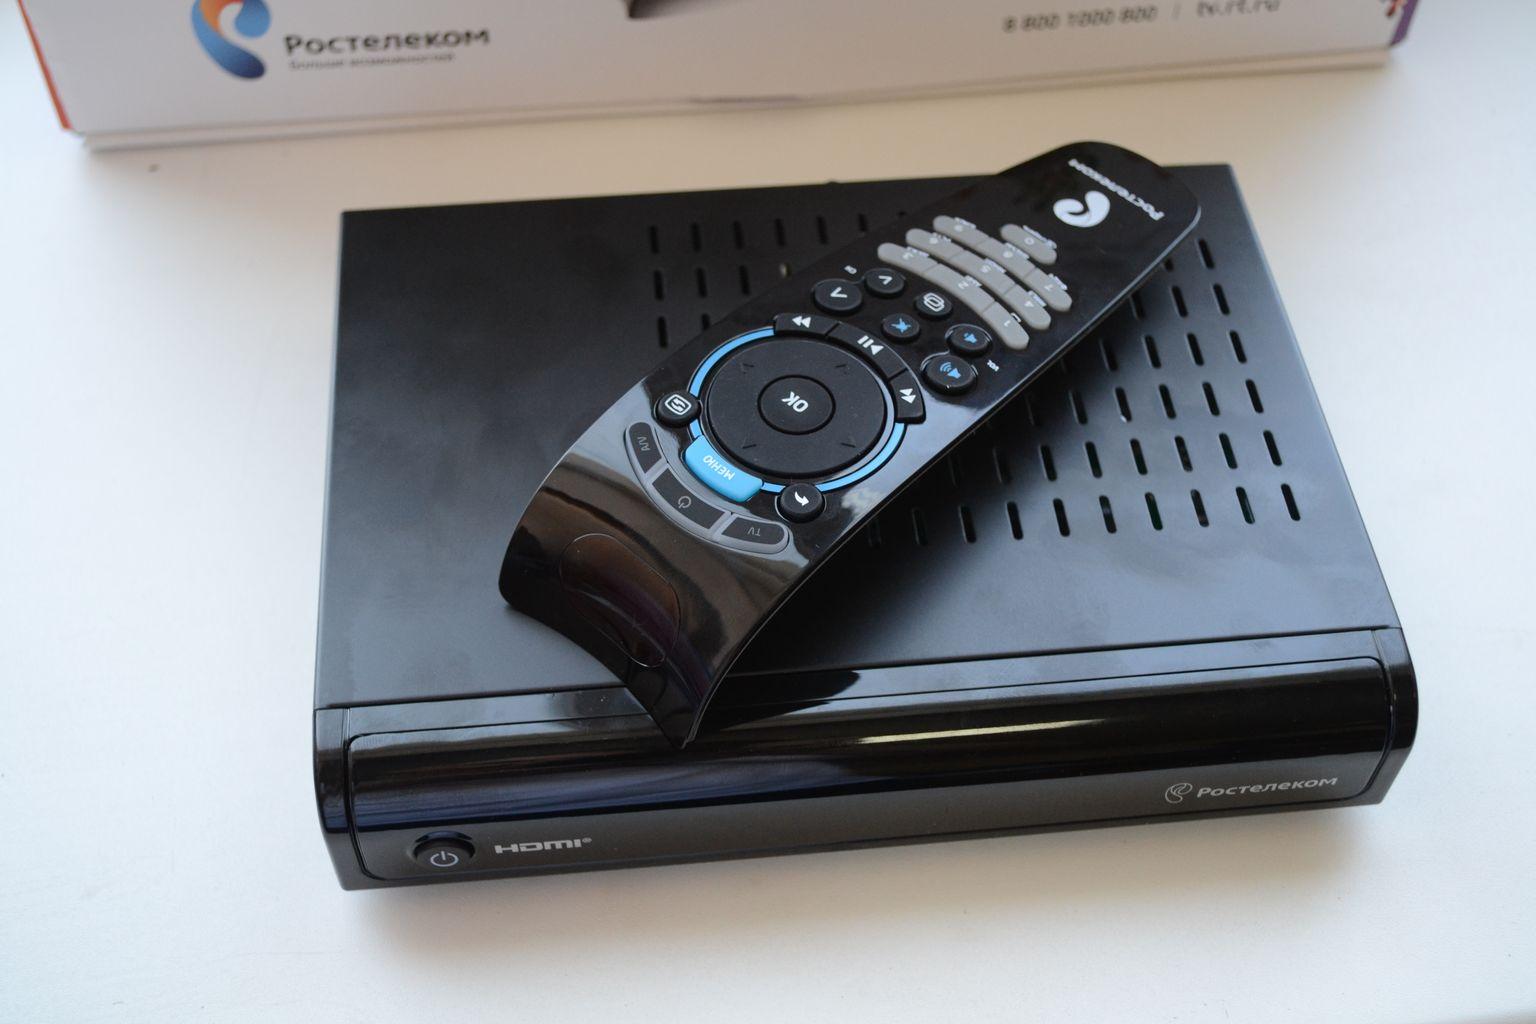 Мультискрин IP-TV от Ростелекома